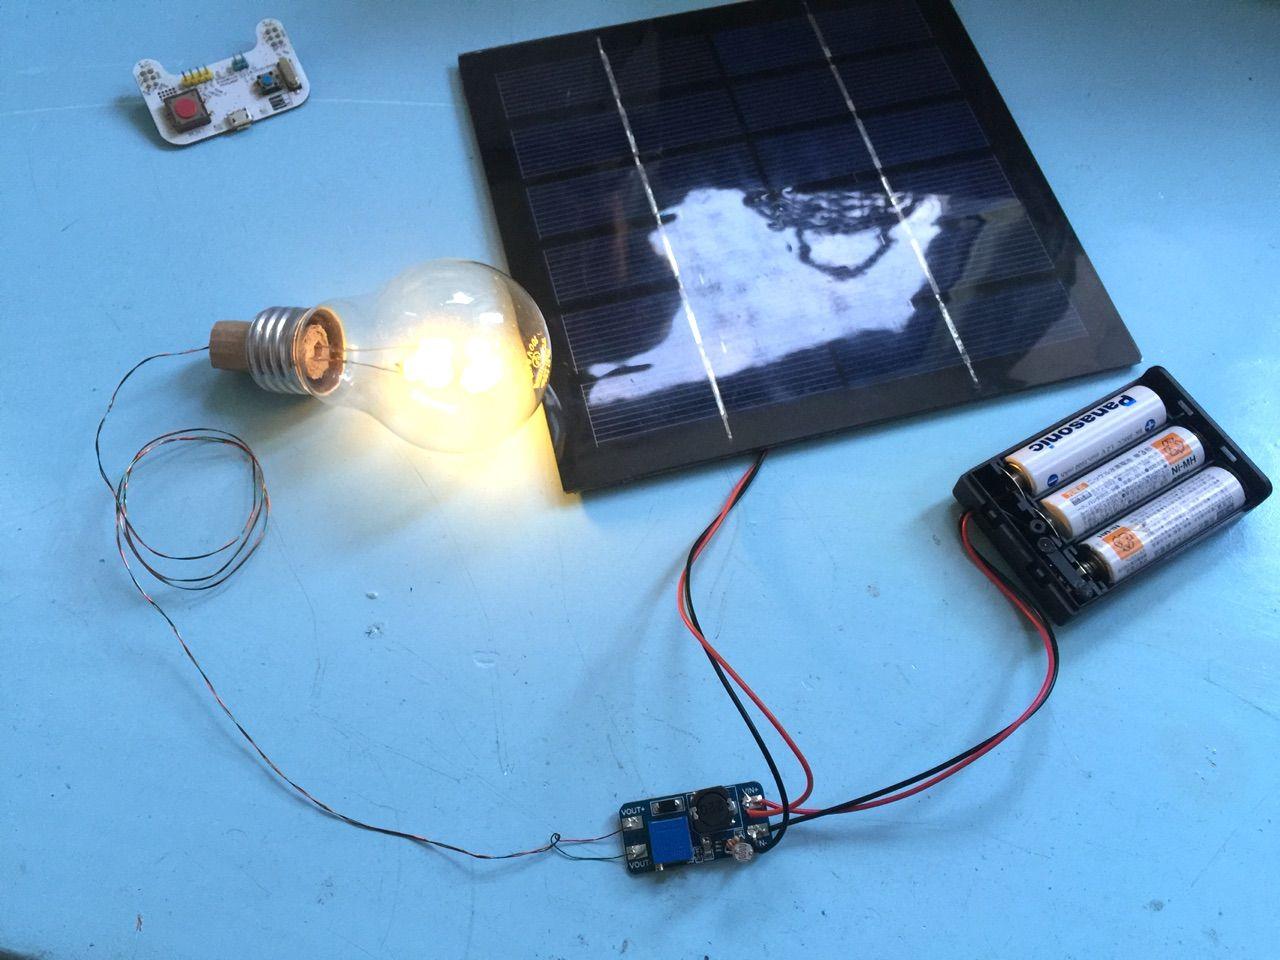 再利用電球を太陽電池で光るように改造してみた